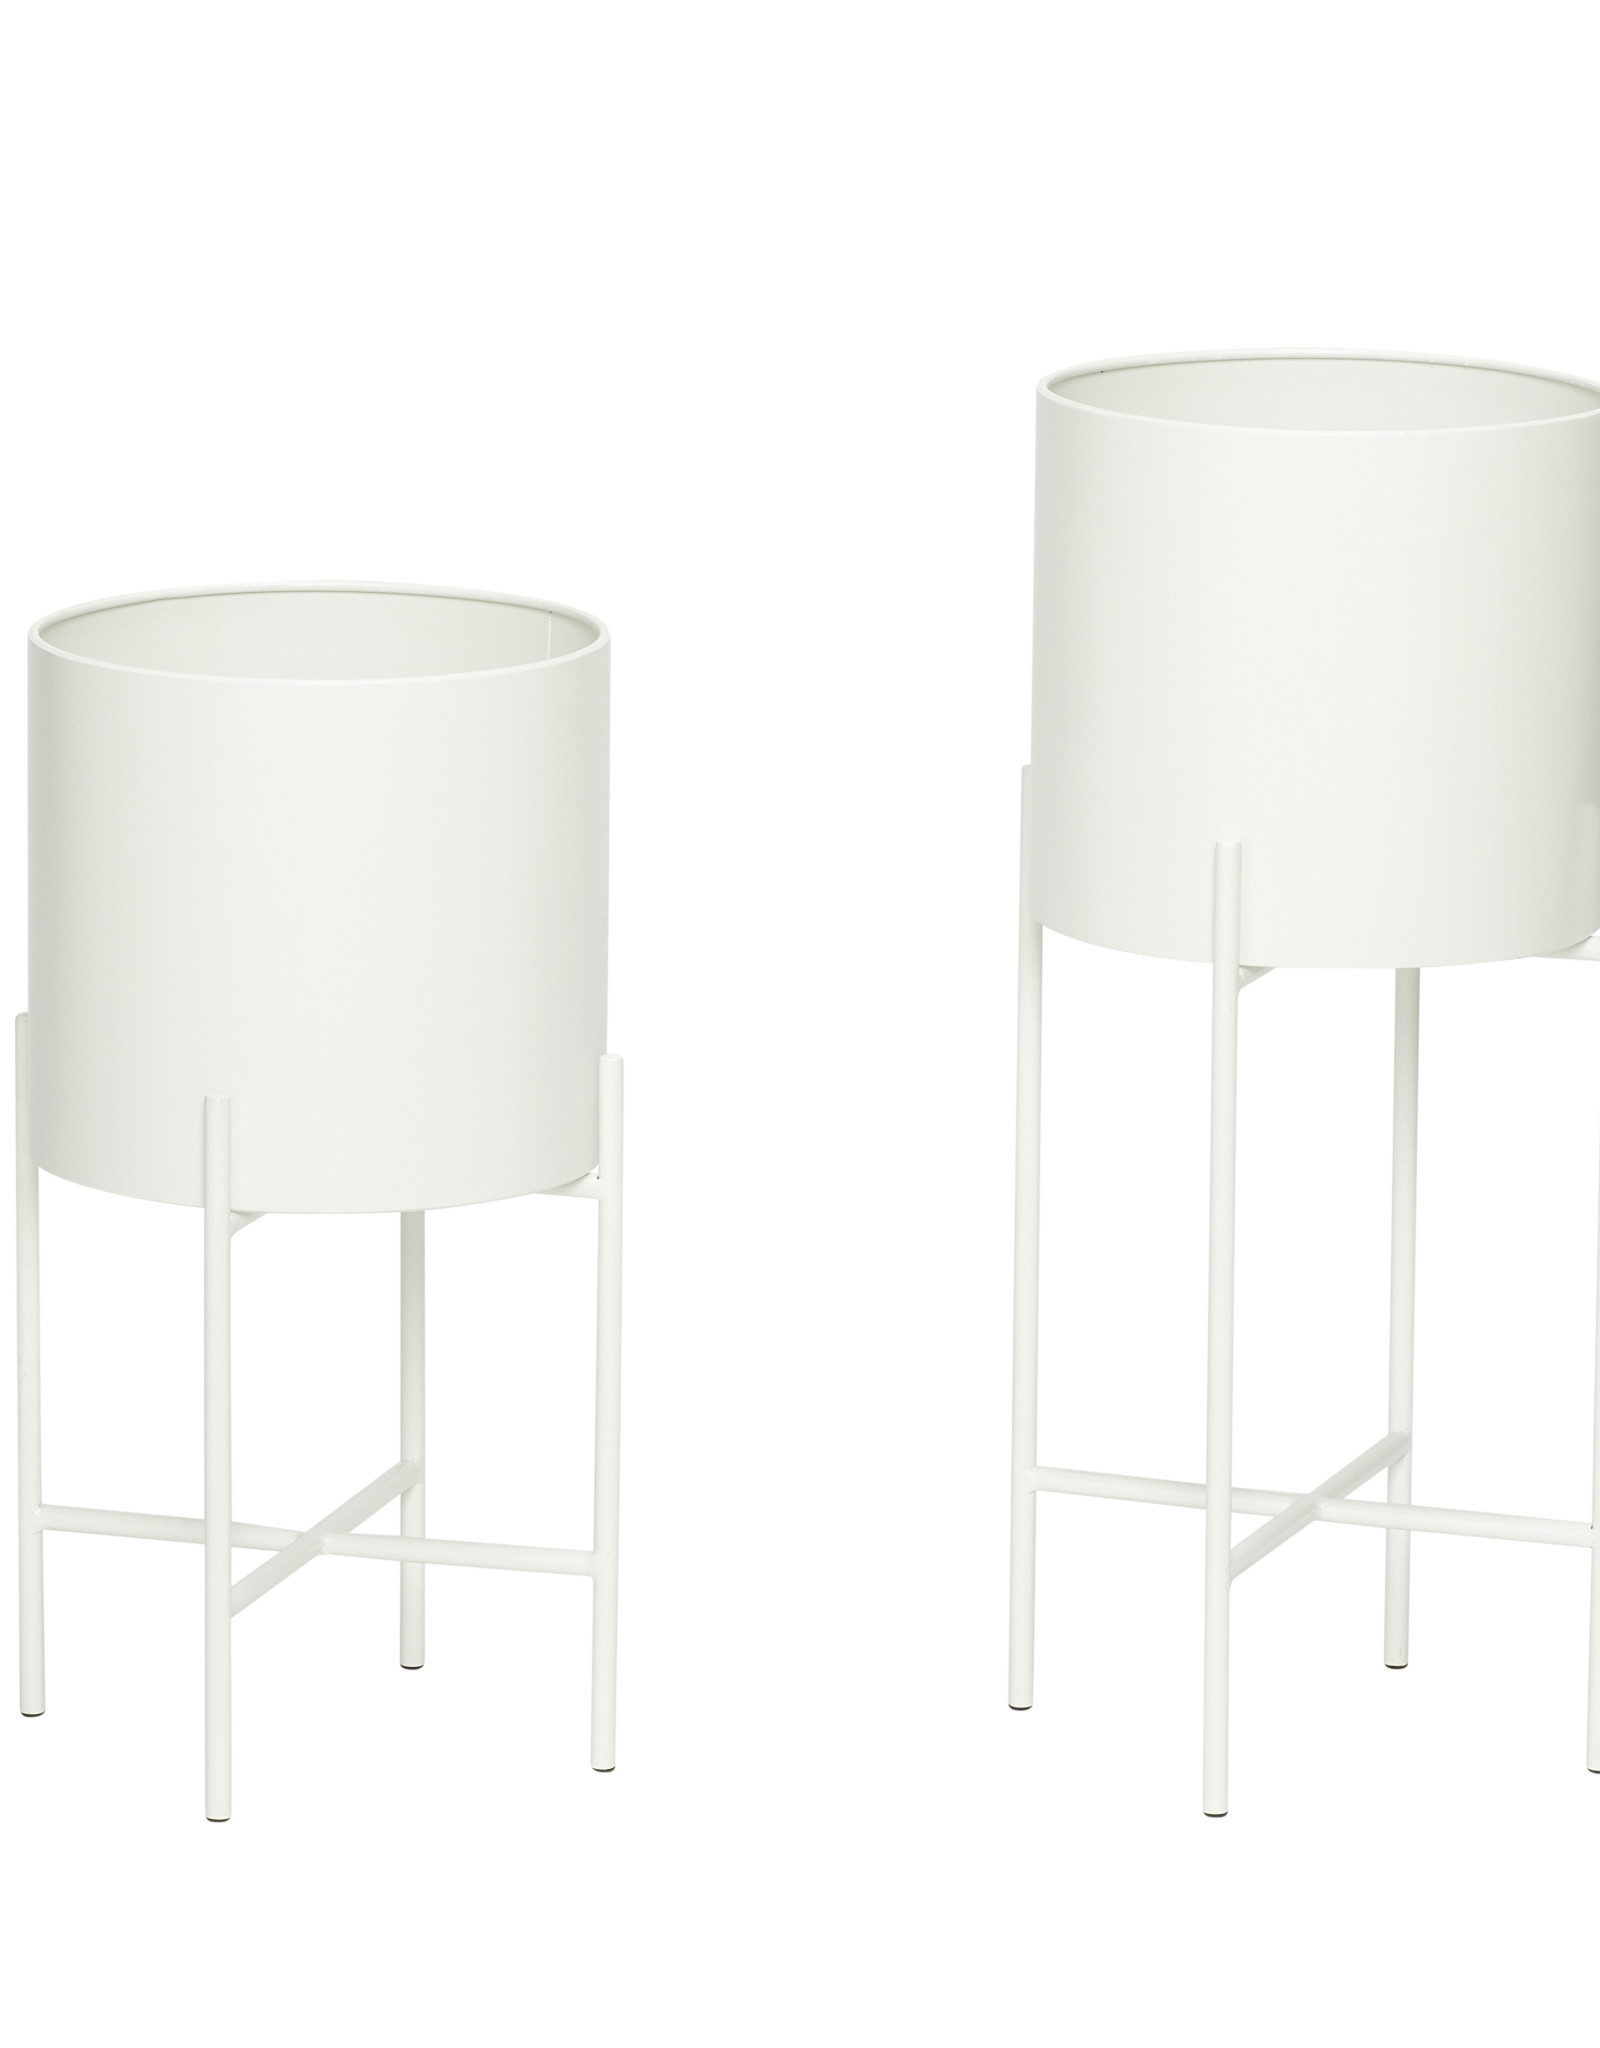 Hübsch White Pot w/ legs Ø23 h55